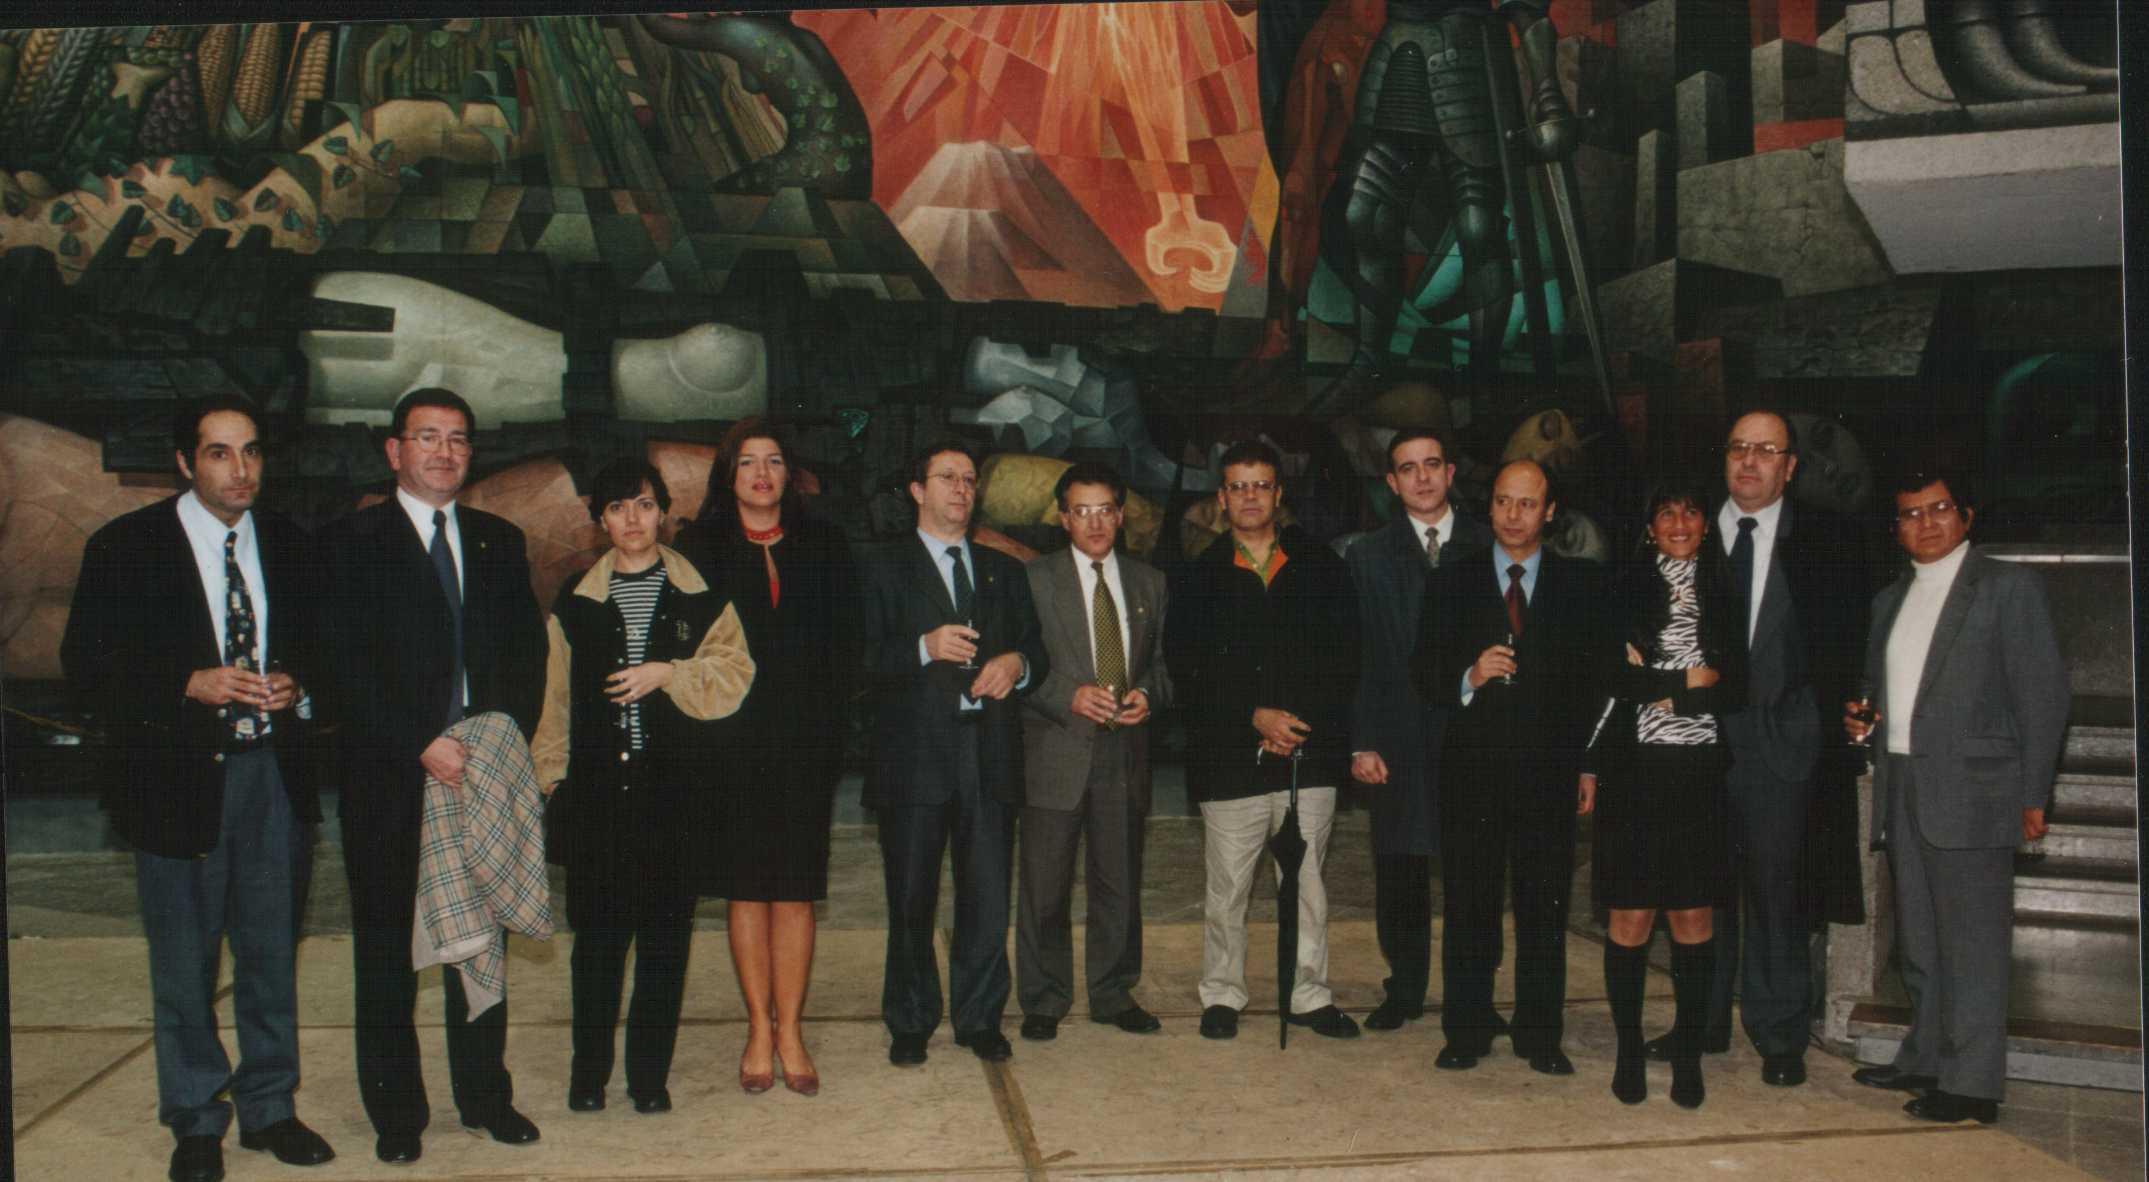 II Encuentro Motiva. Concepción, Chile 2001